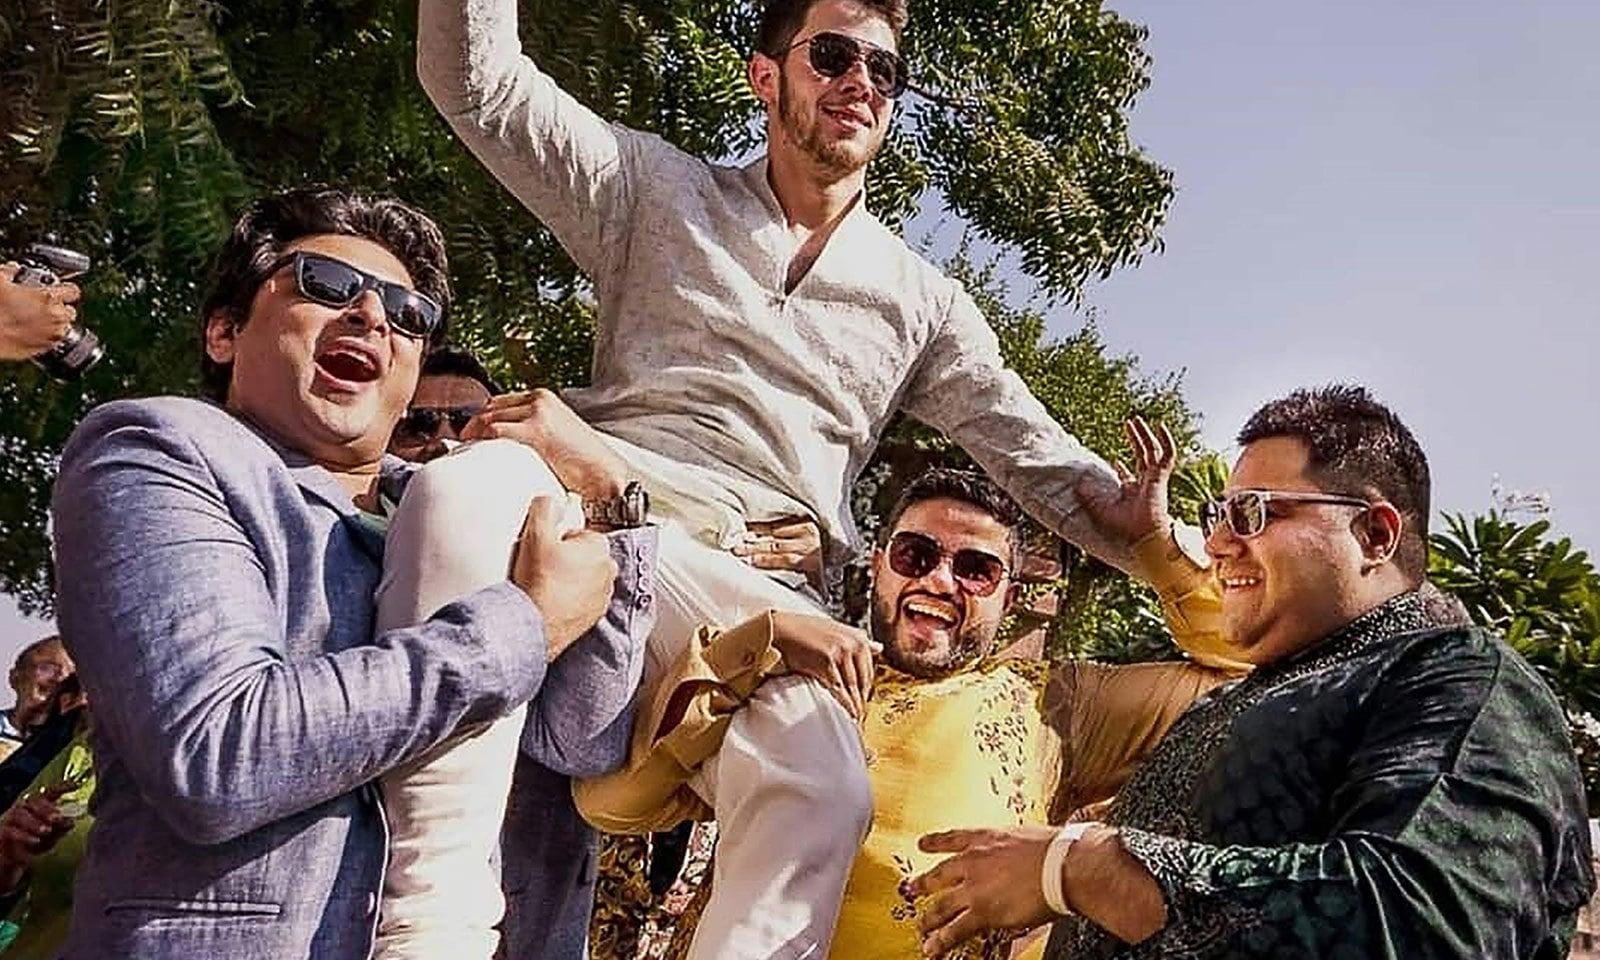 نک جونس نے ہندوستانی انداز میں اپنے شادی میں ڈانس کیا—فوٹو: اے ایف پی